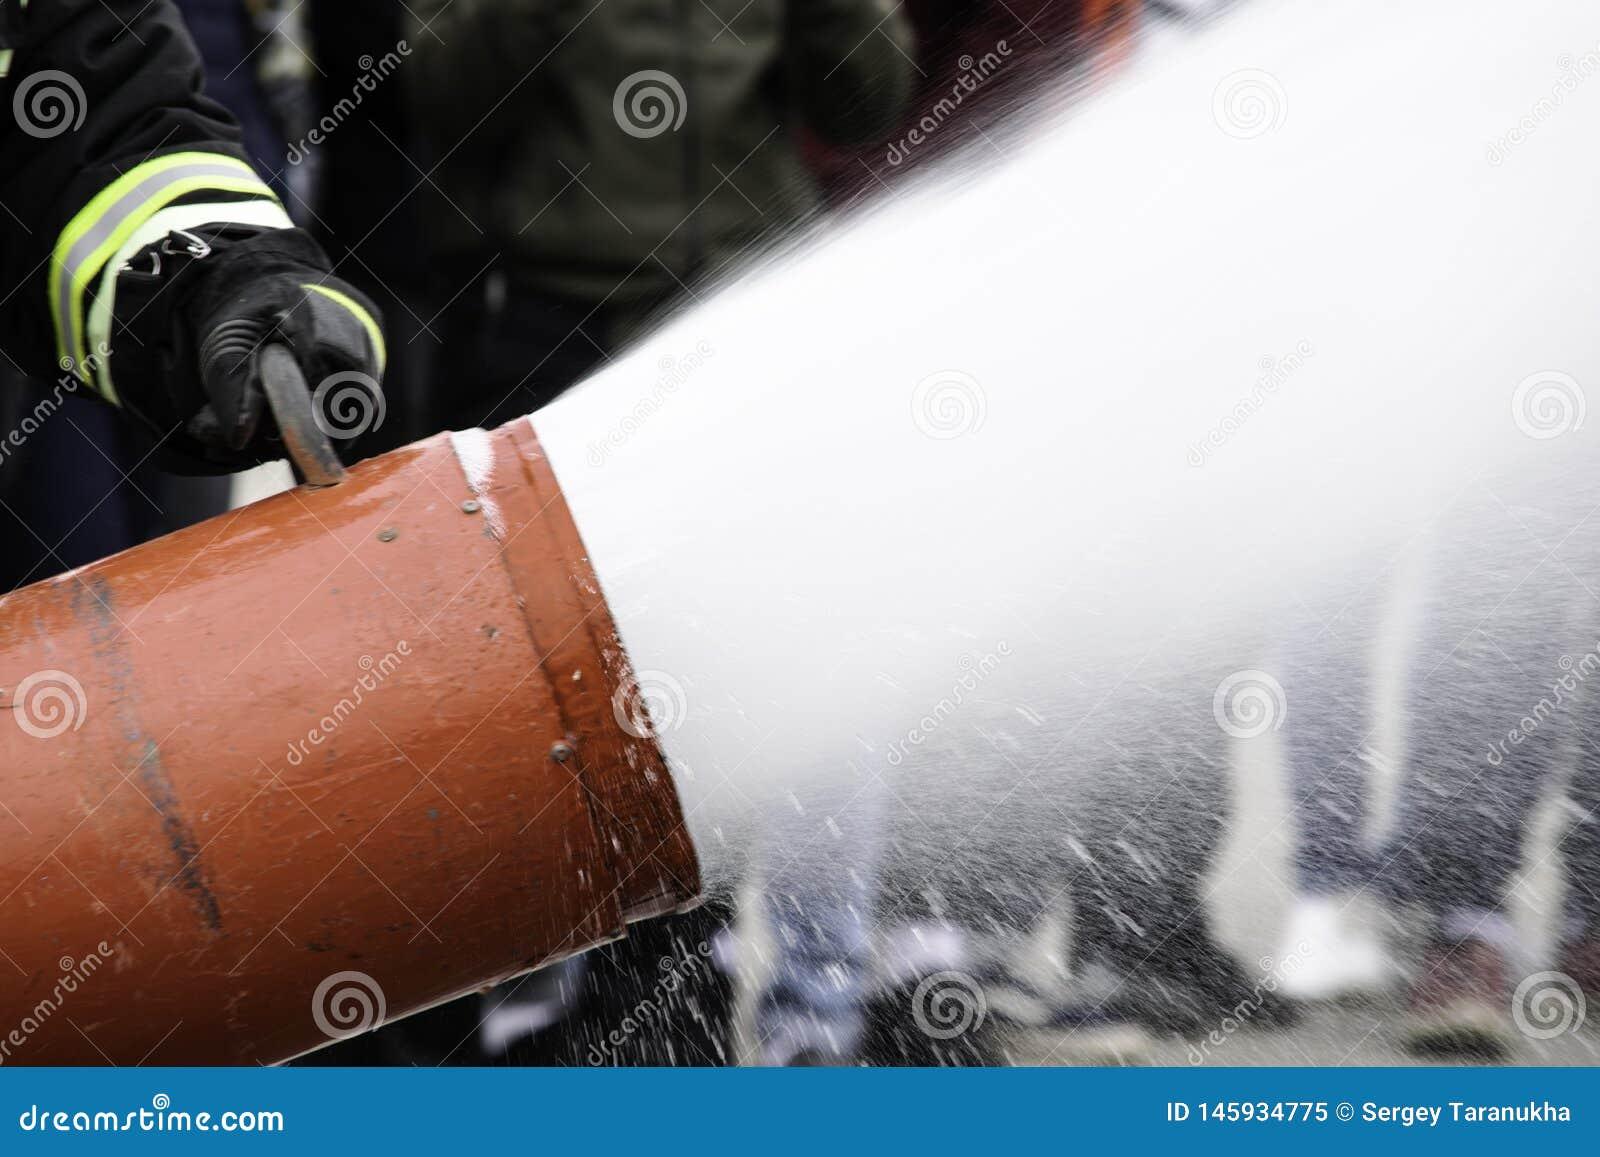 Supply of foam from a foam generator, fire extinguishing foam flies from the foam generator, which keeps the fireman in combat